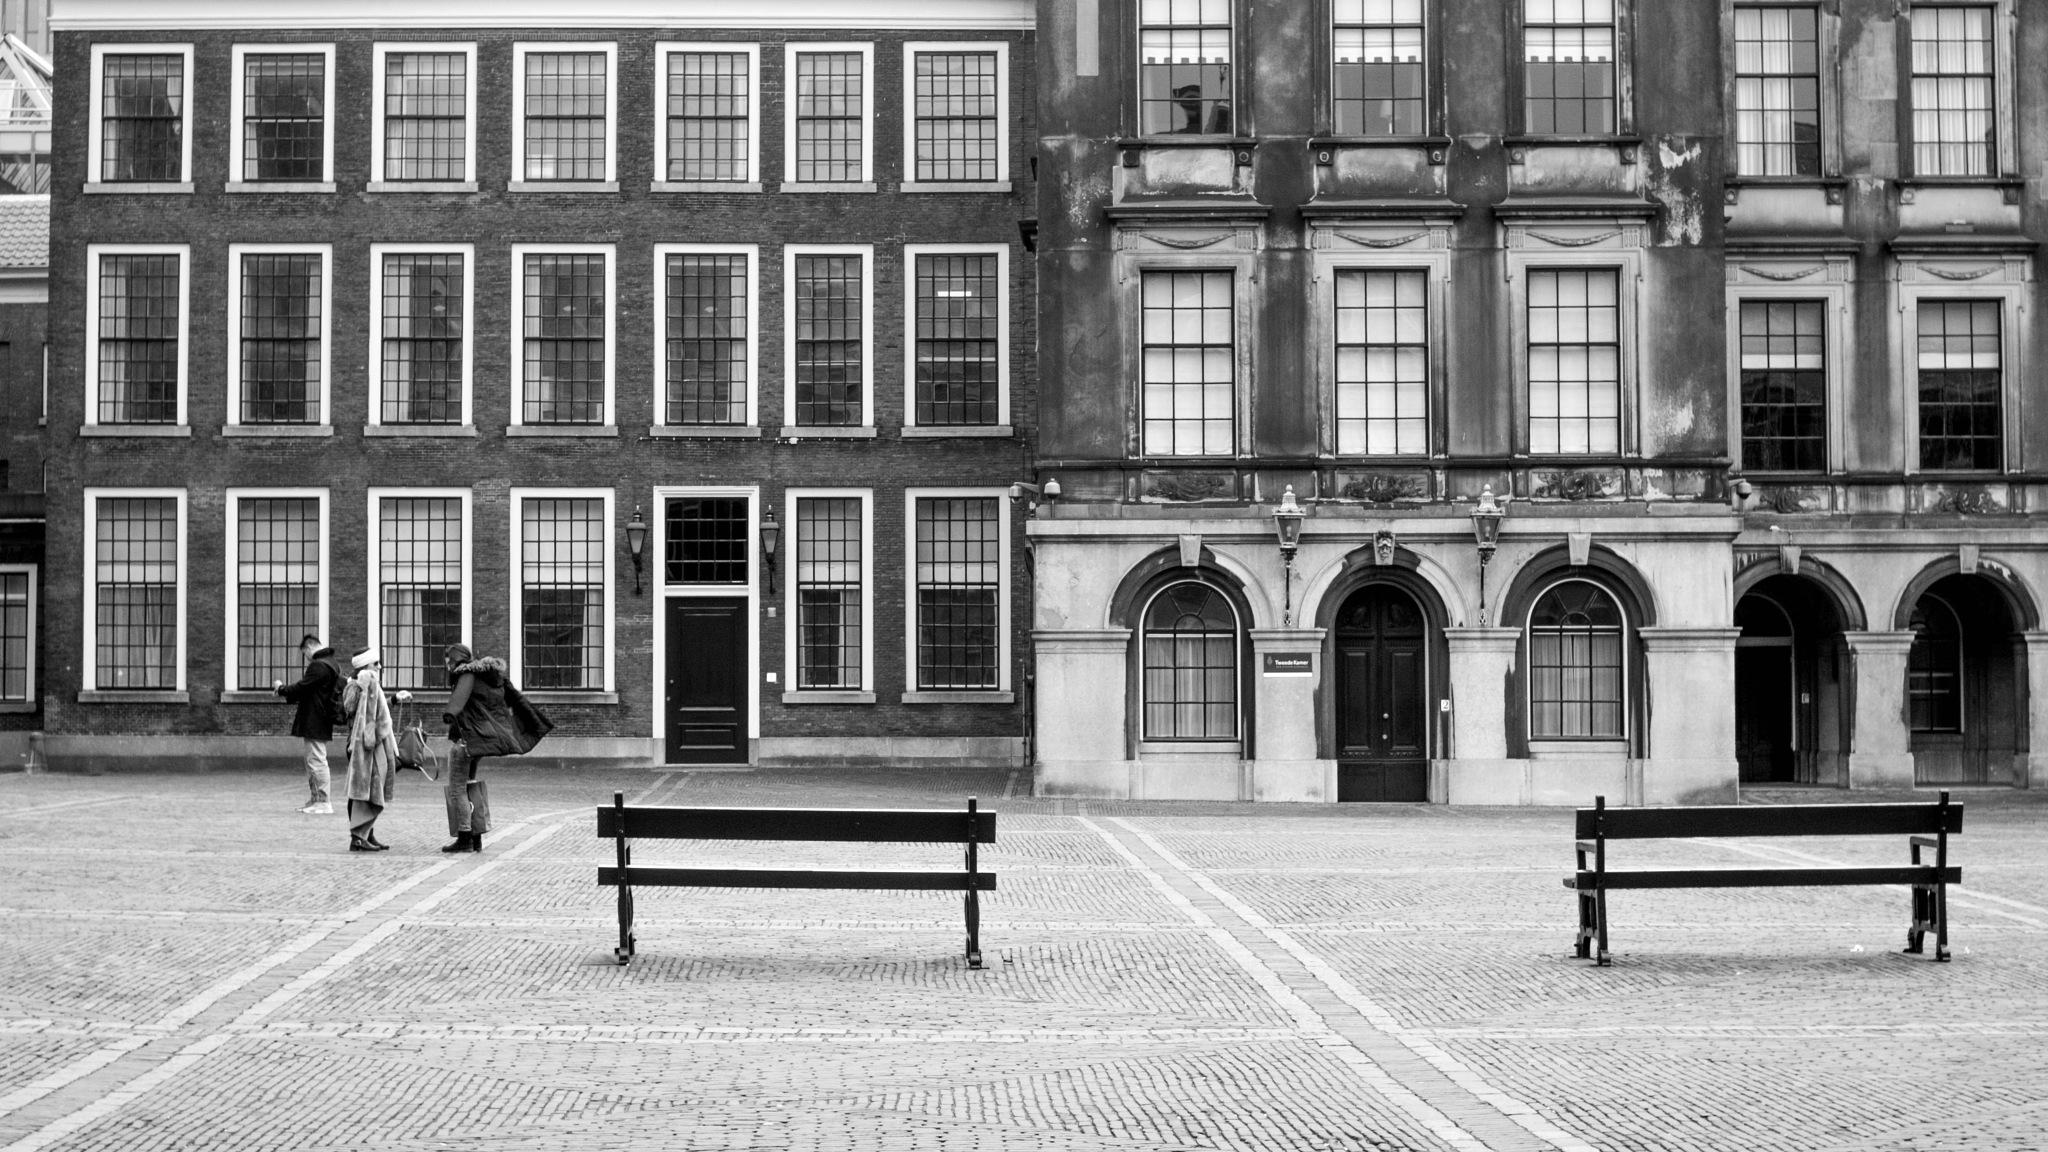 Den Haag NL 2017 by Armand BNW